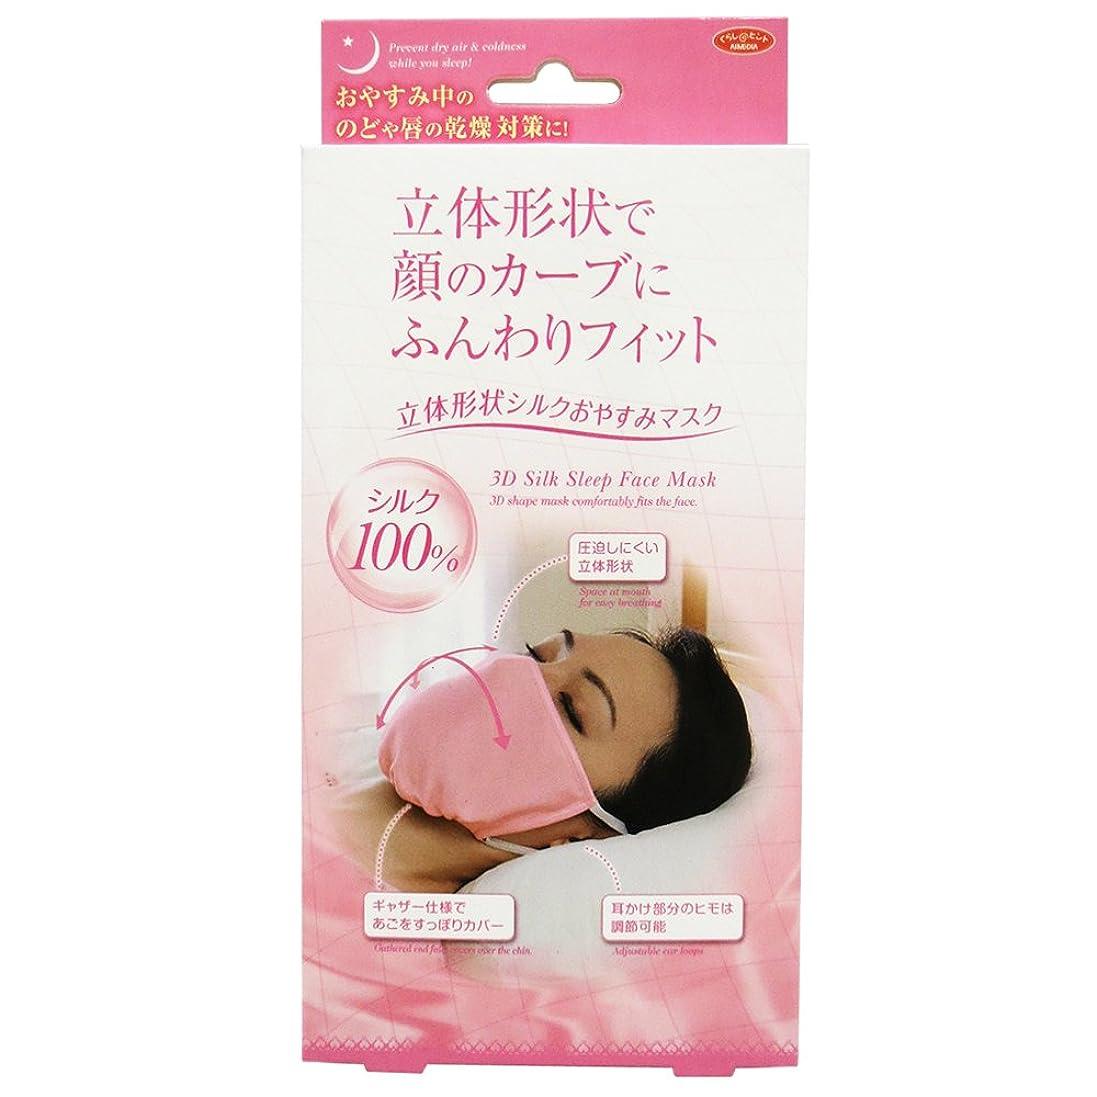 物質系統的ストローアイメディア 立体形状シルクおやすみマスク